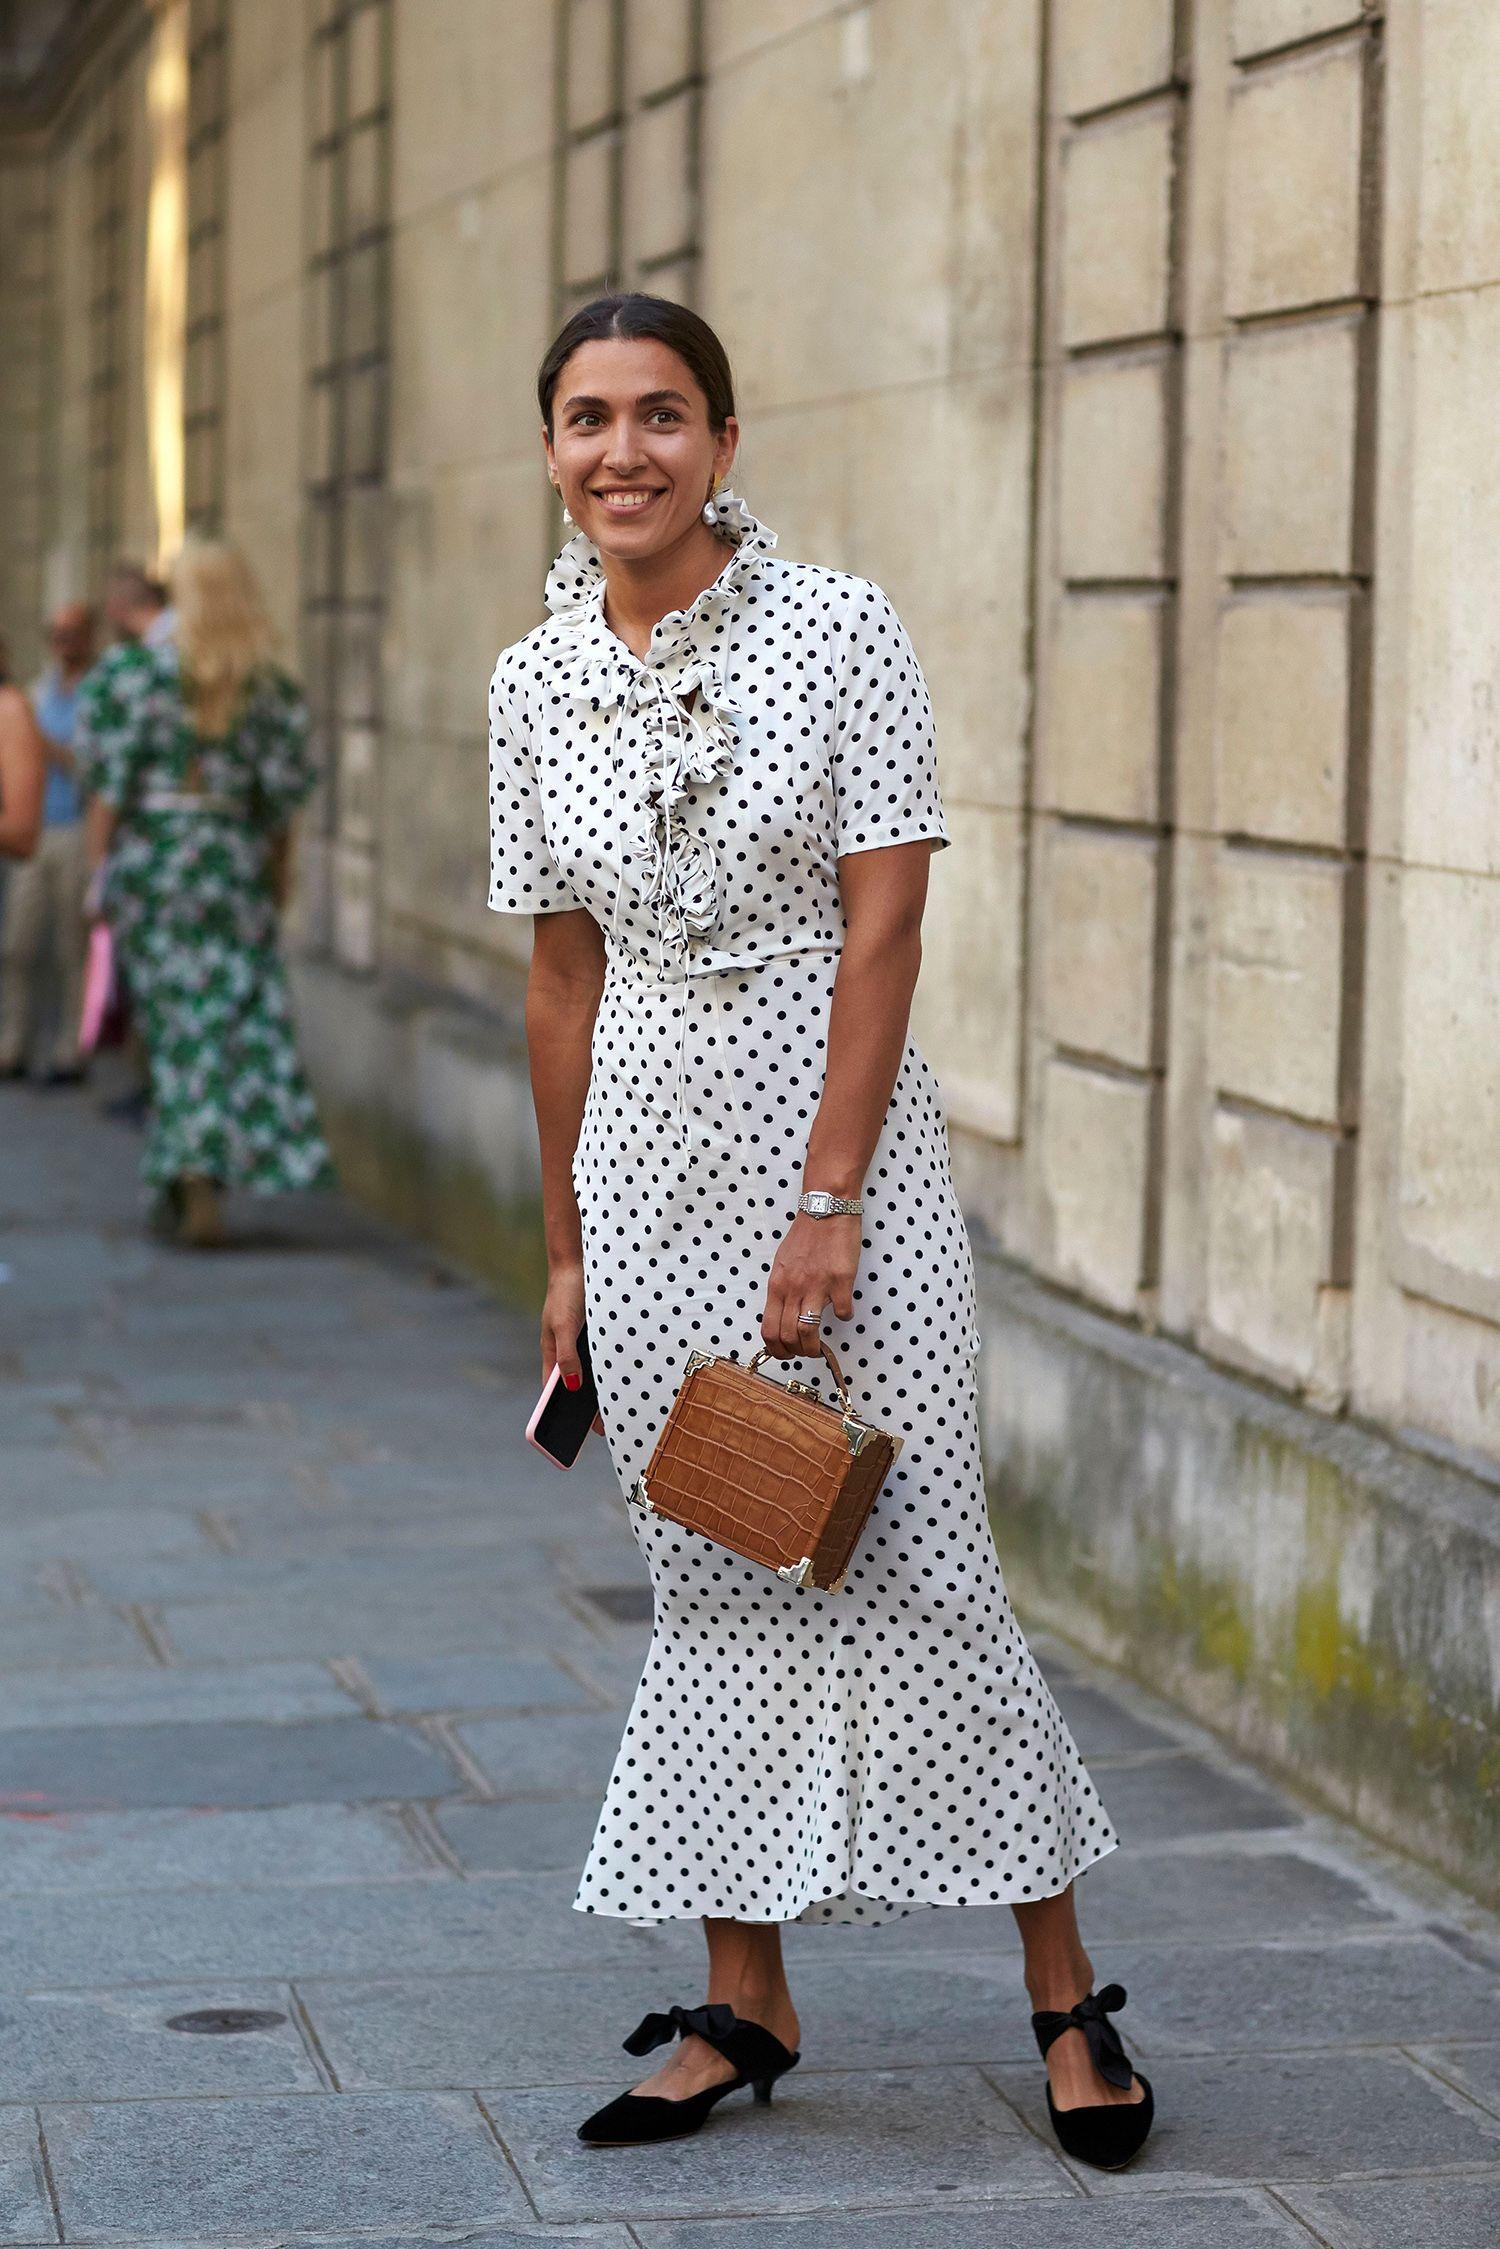 Etsy best jewelry shops, Coats Dress for women